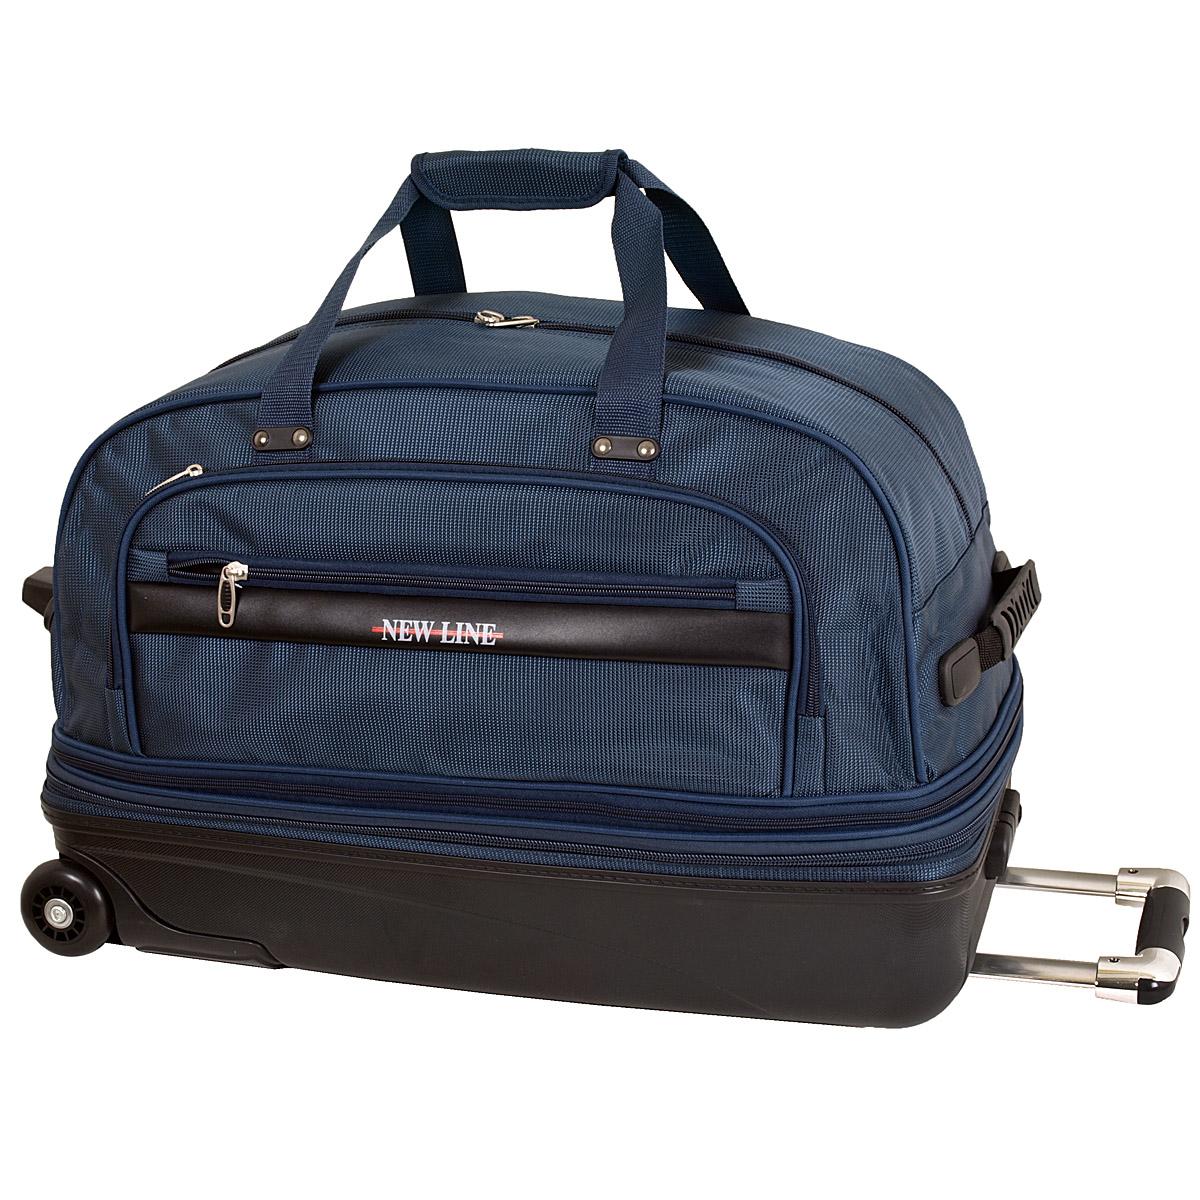 c9acce09863d Дорожные сумки в Москве - купить недорого в интернет-магазине Tasche.ru